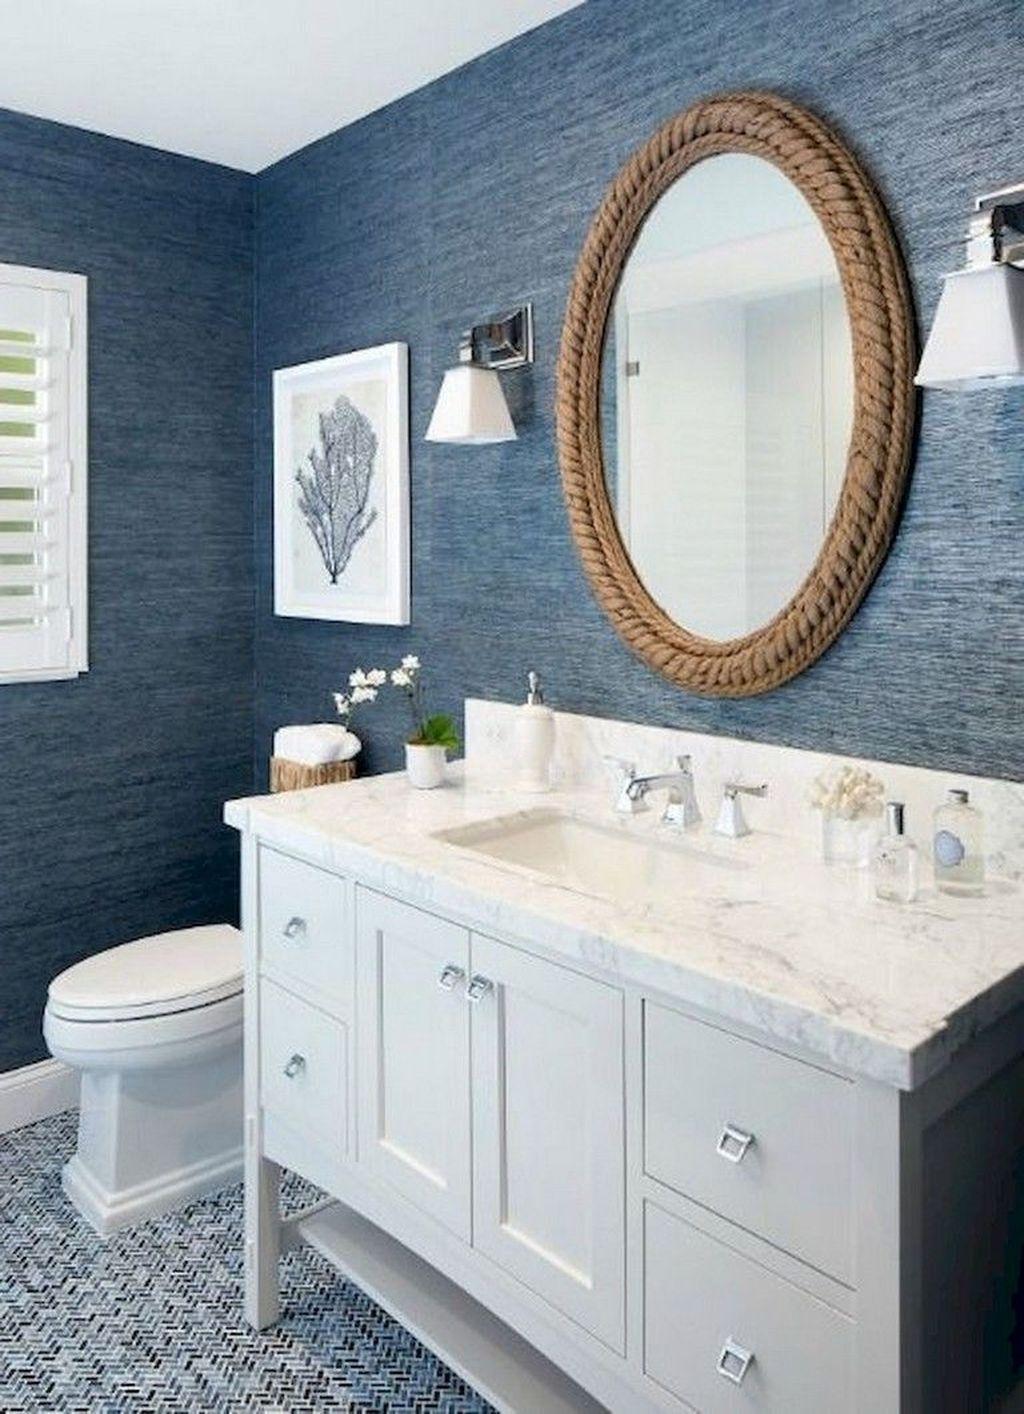 32 fabulous bathroom decor ideas with coastal style